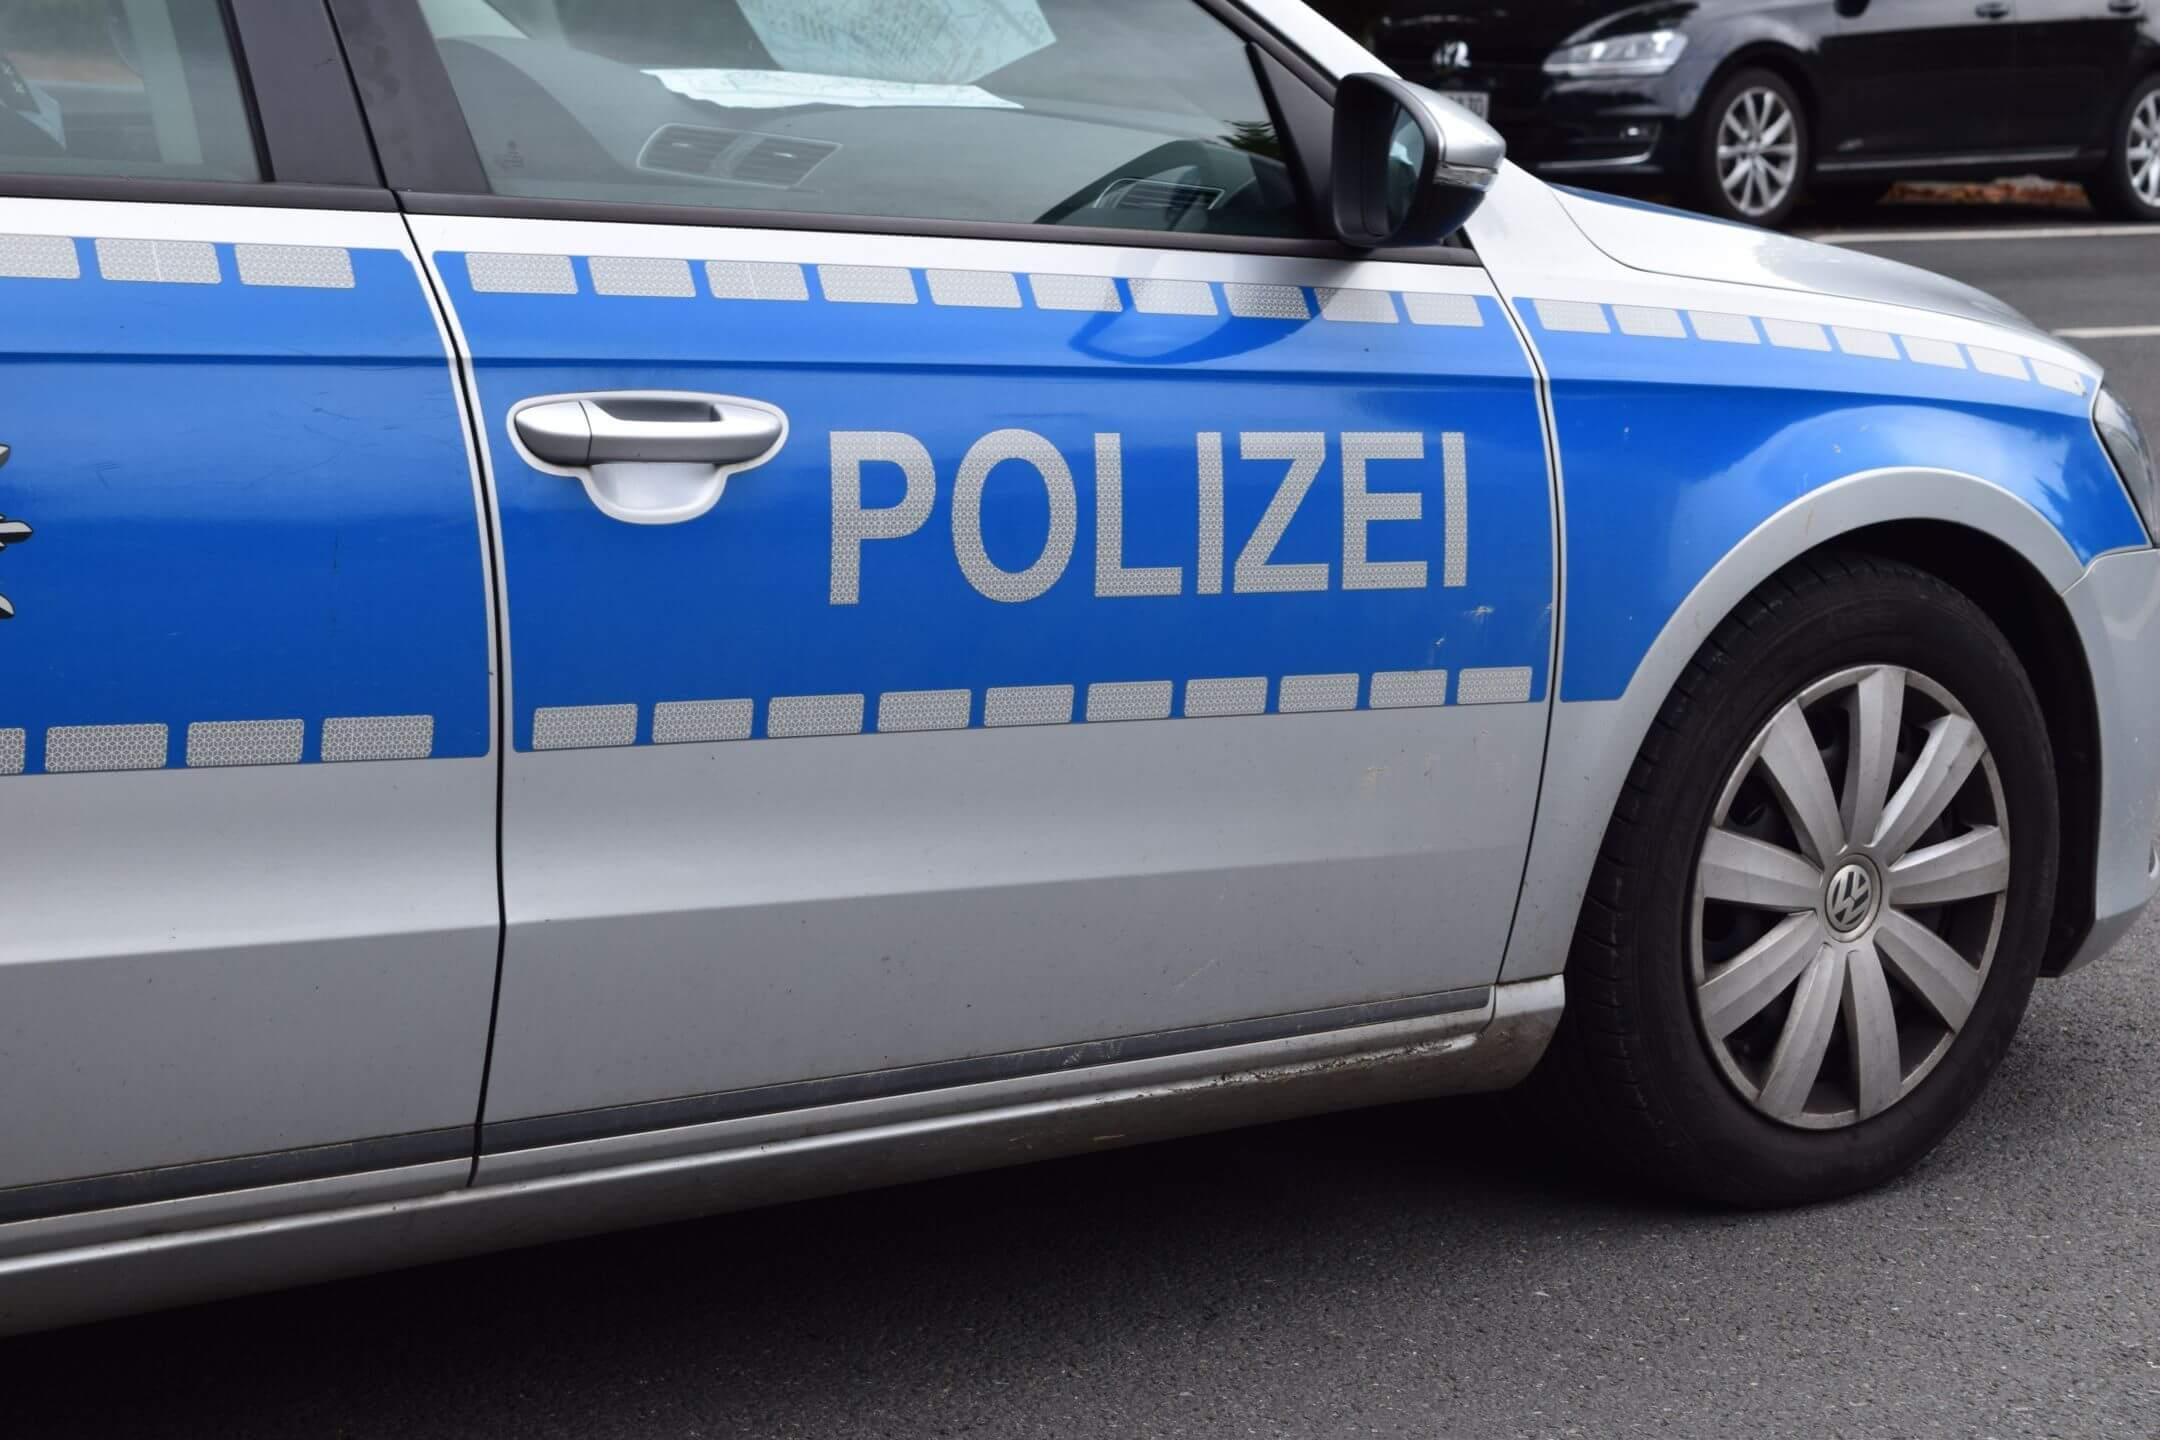 Polizeireviers Harz - Kriminalitäts- und Verkehrsunfallgeschehen - 19.06.2021